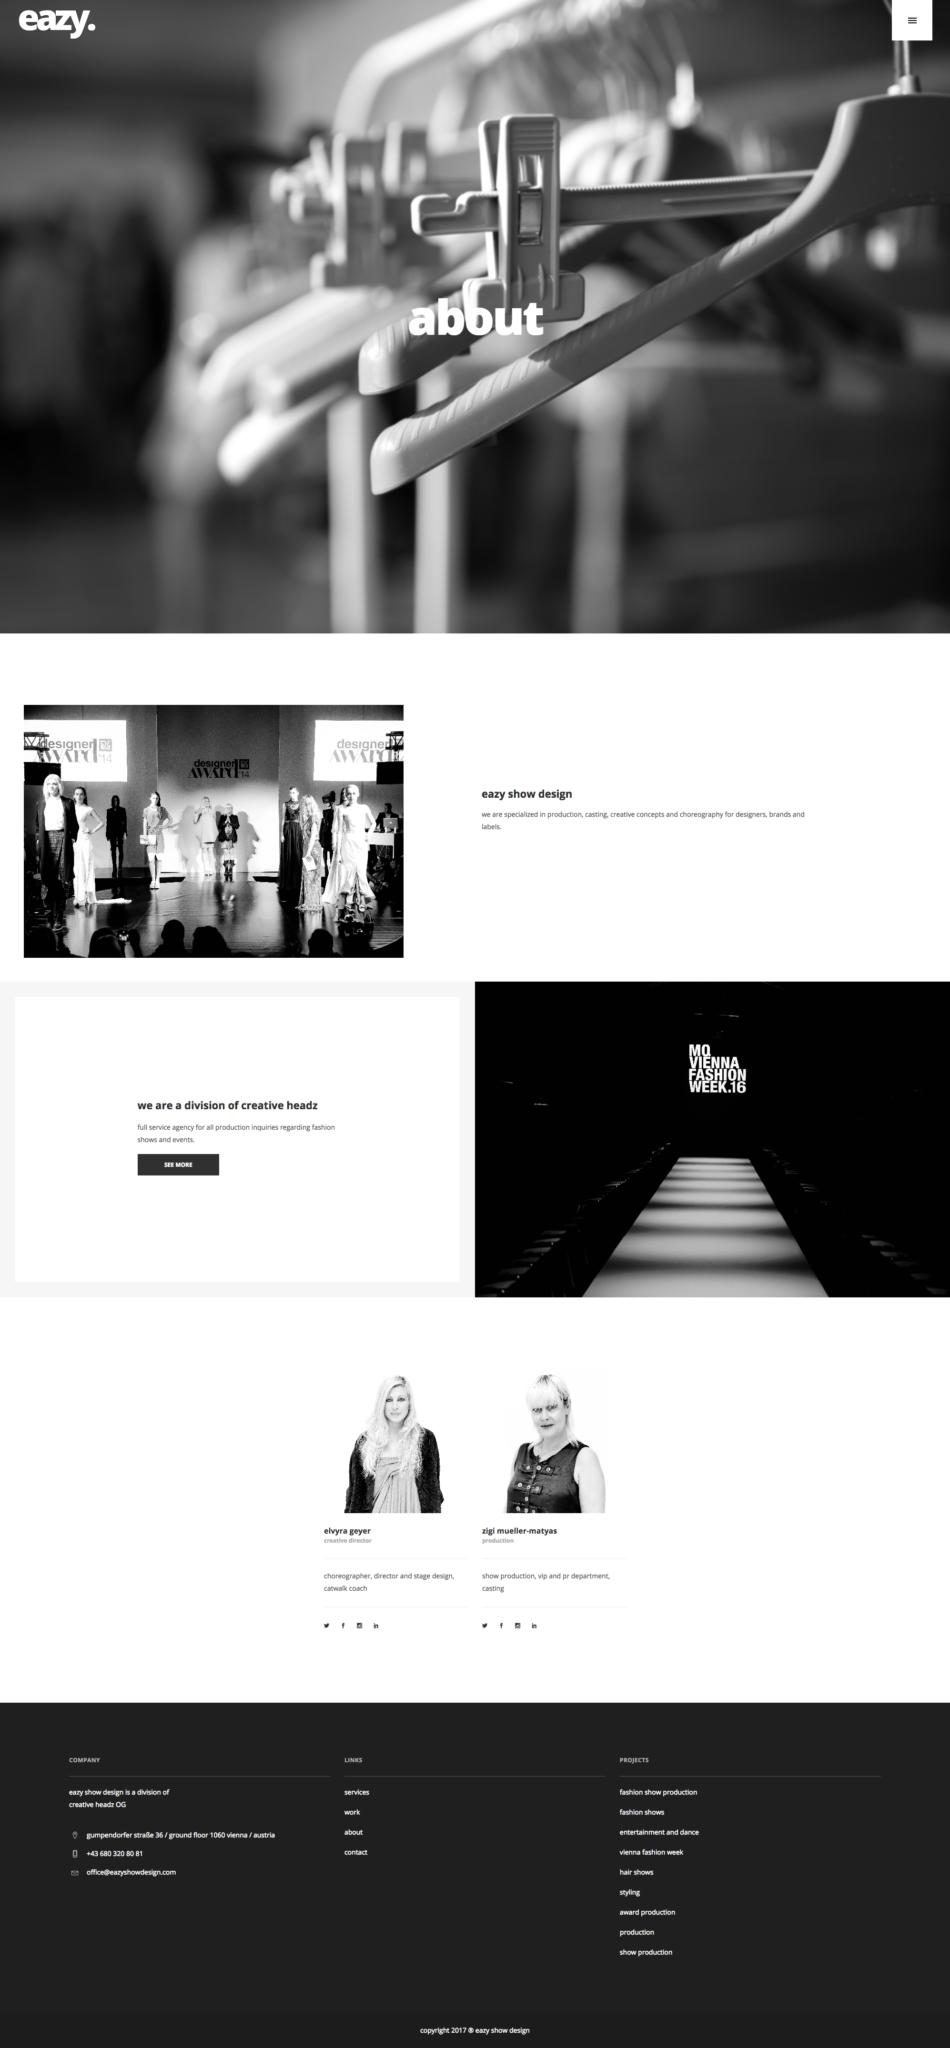 eazy show design Website Design by 36 digital&more